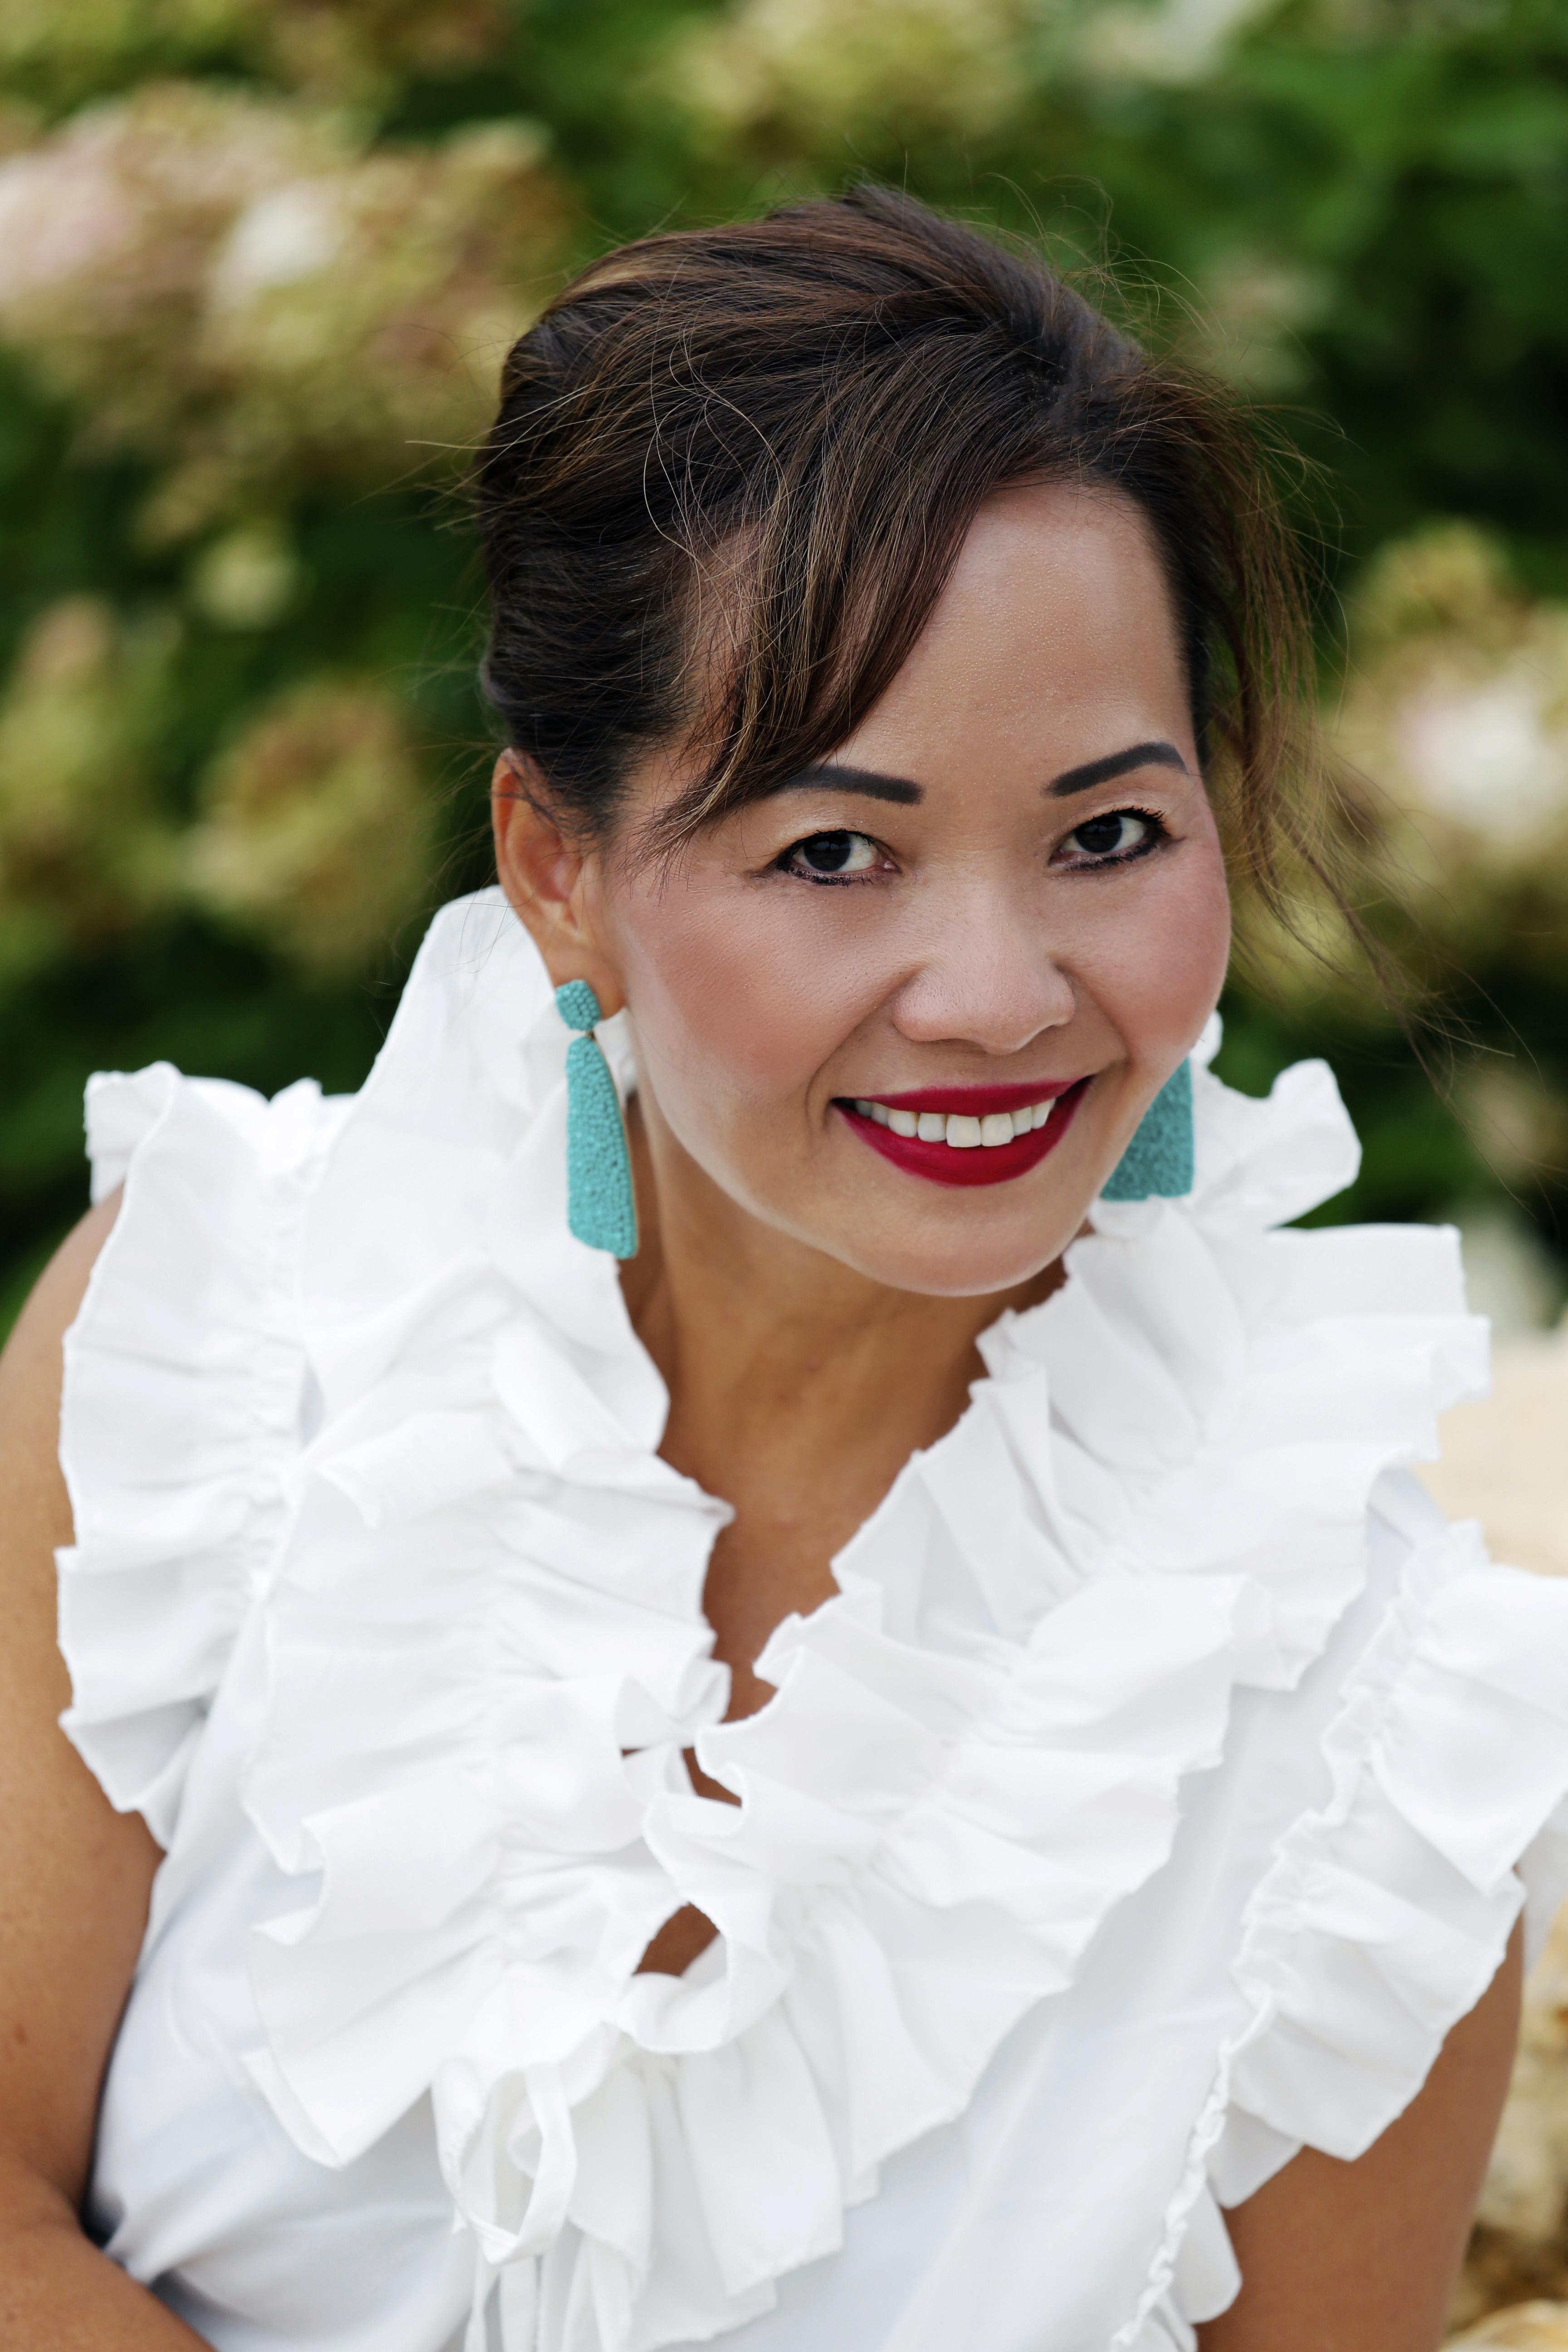 Dr. Mai Yia Chang